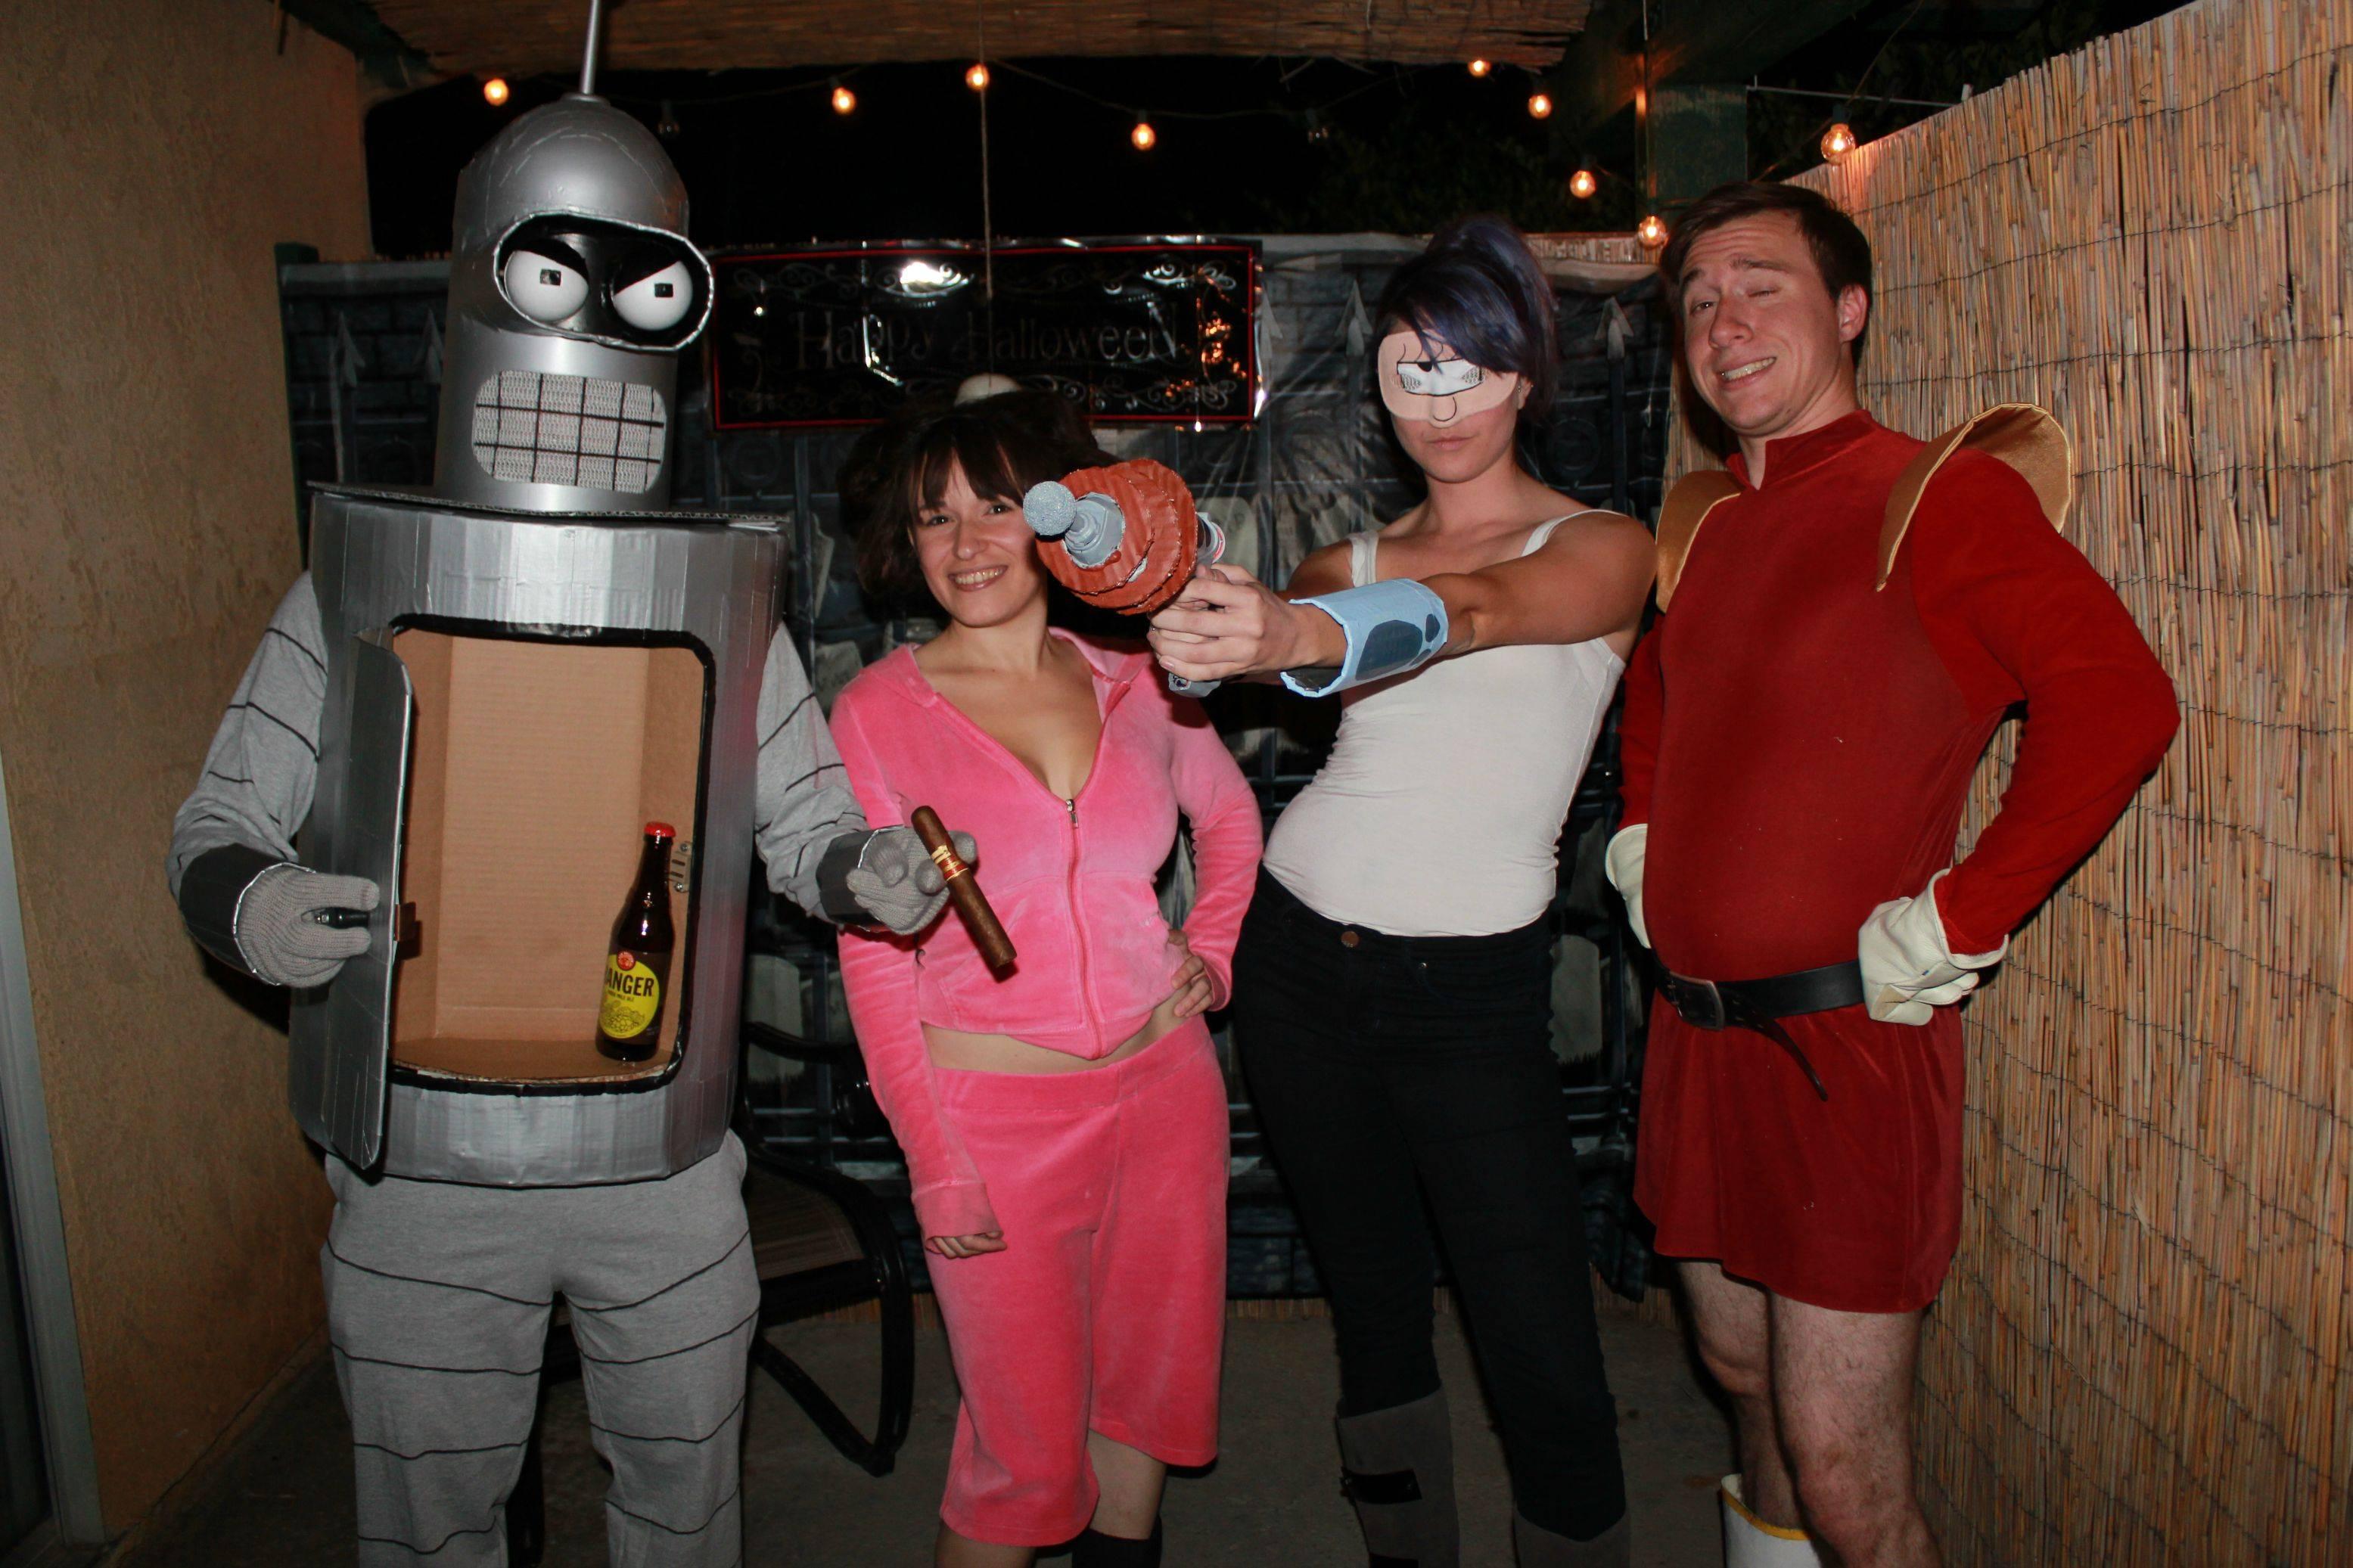 Необычные костюмы на хэллоуин своими руками фото 818